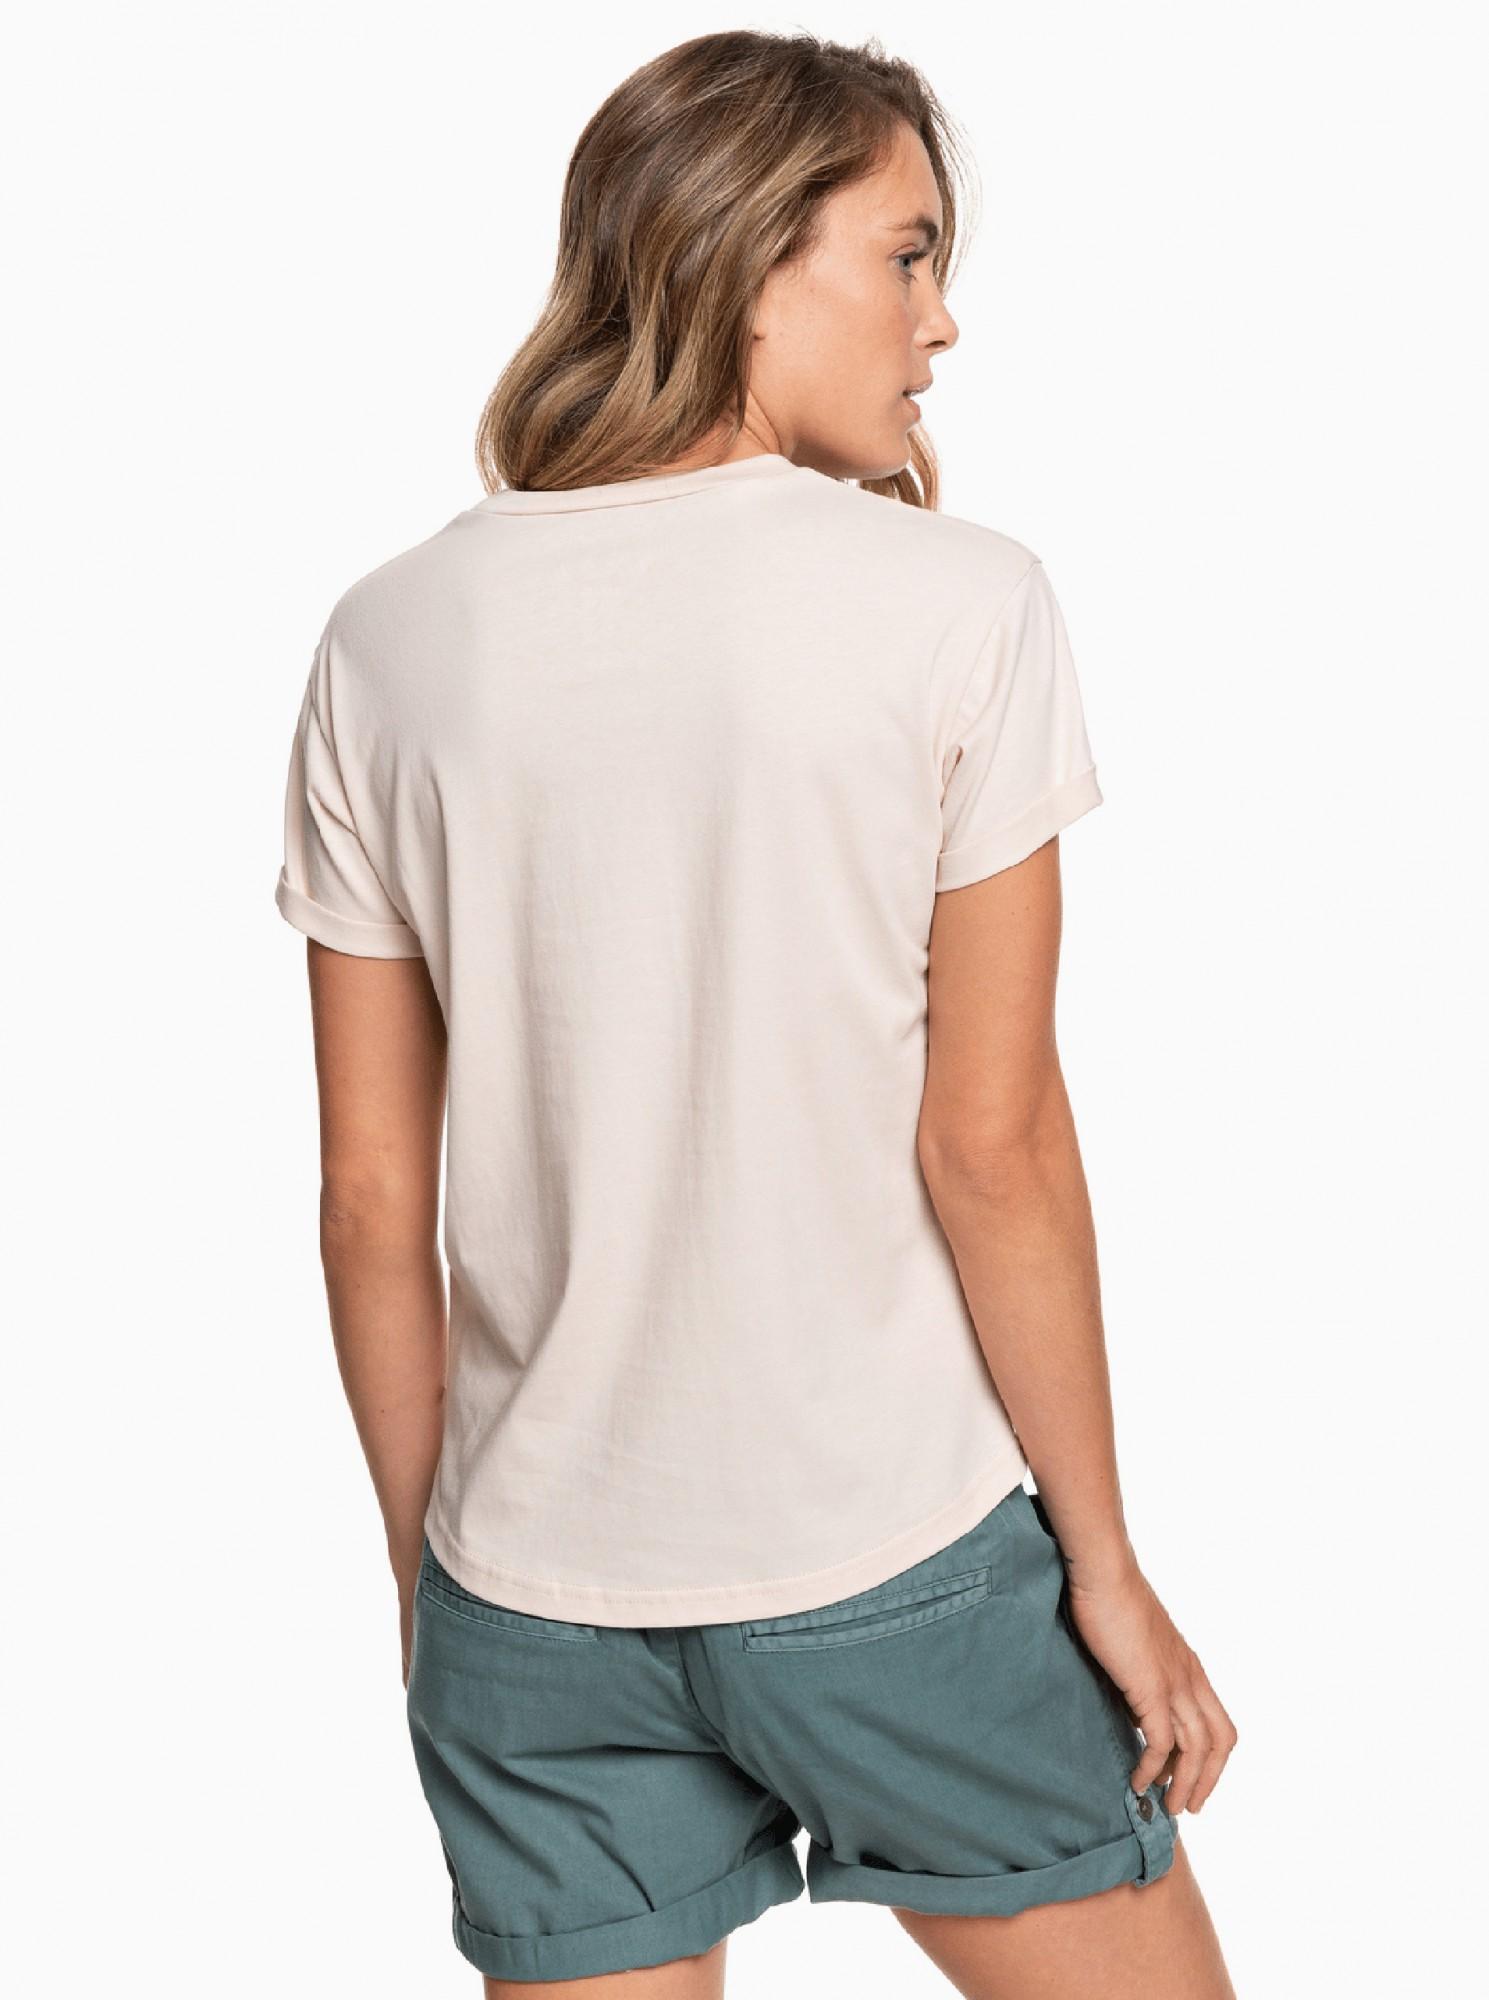 Roxy cipria maglietta con stampa